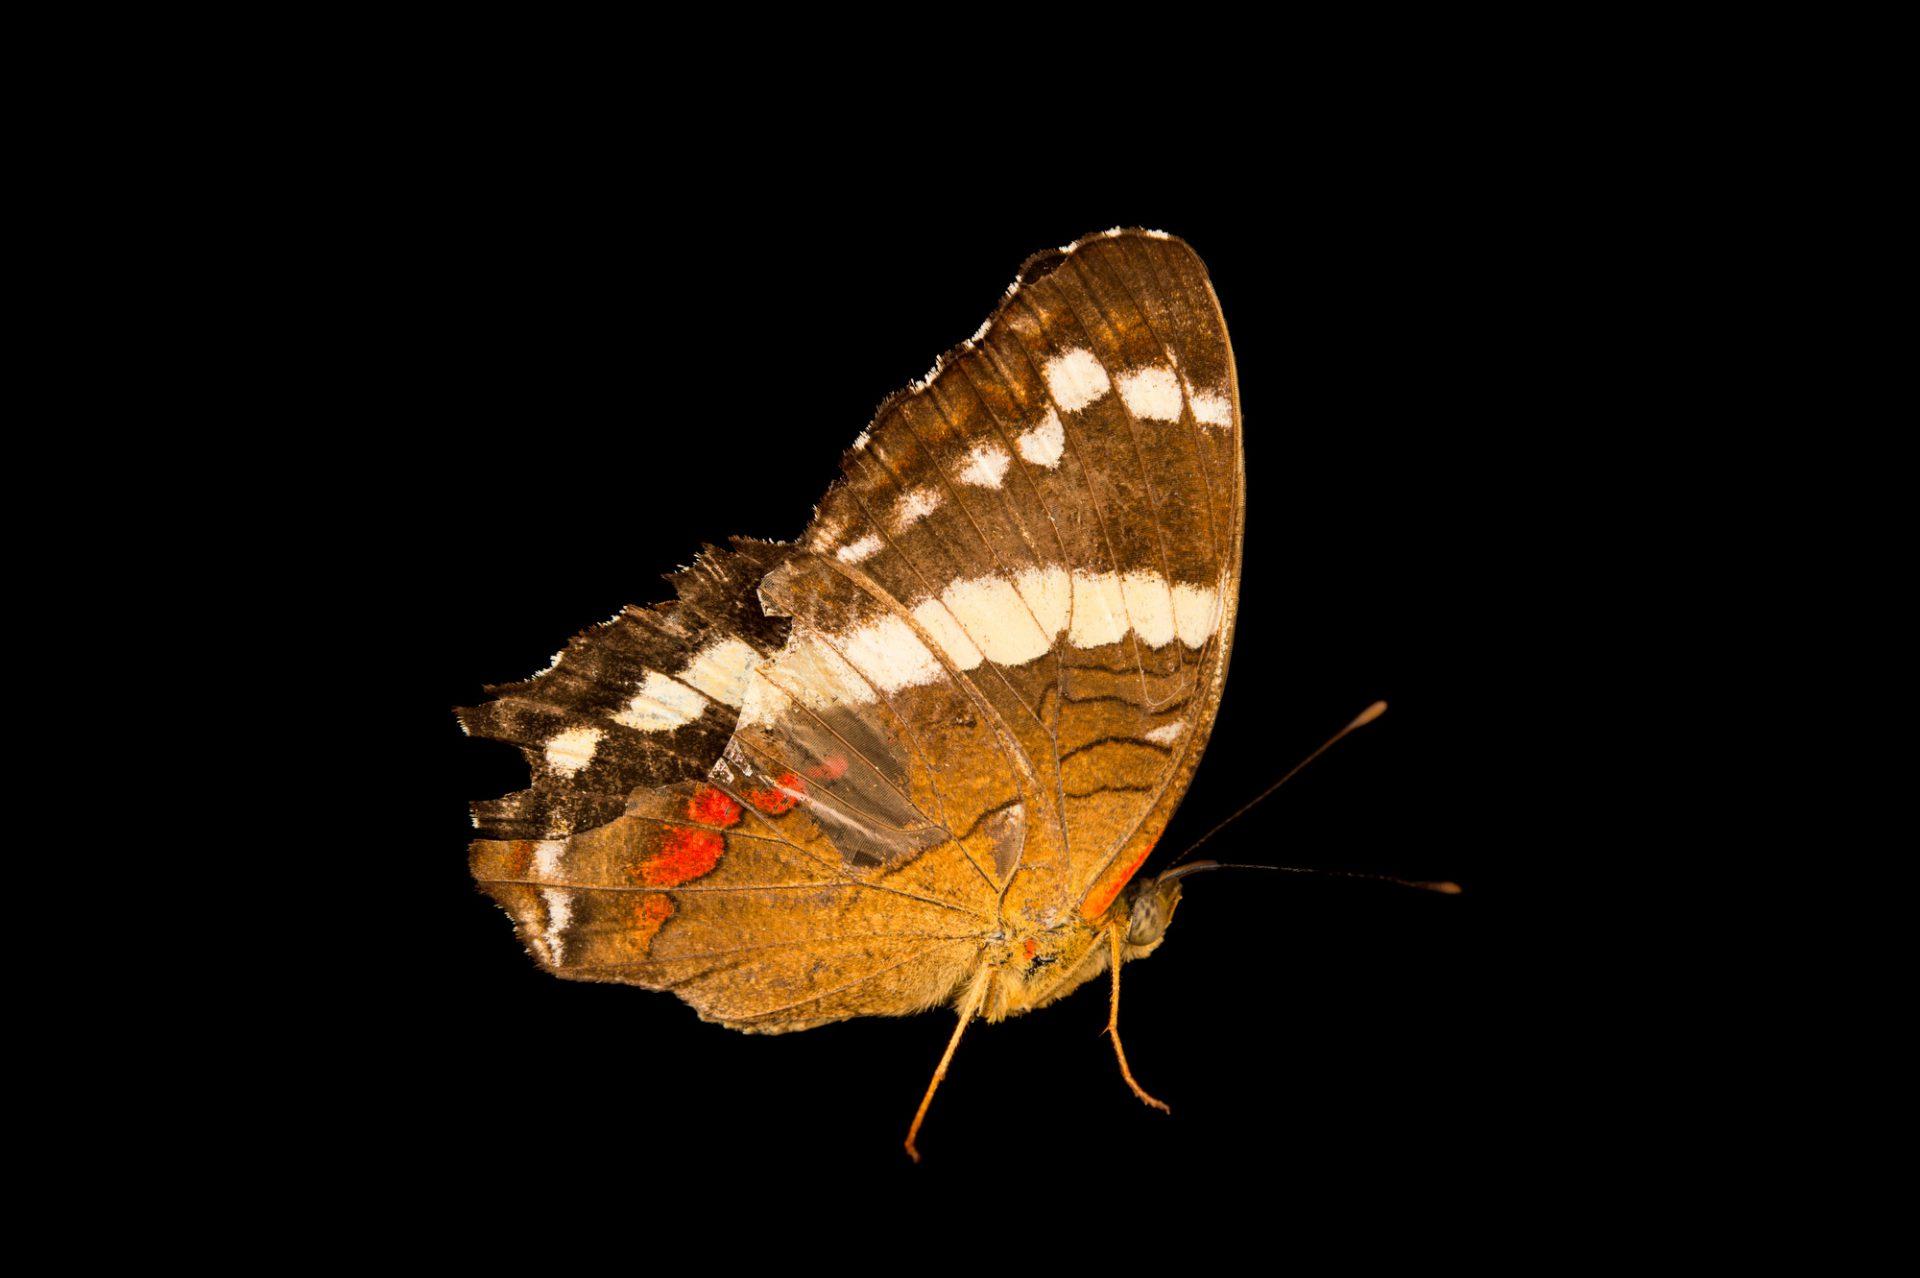 Photo: Banded peacock or fatima (Anartia fatima) in Gamboa, Panama.